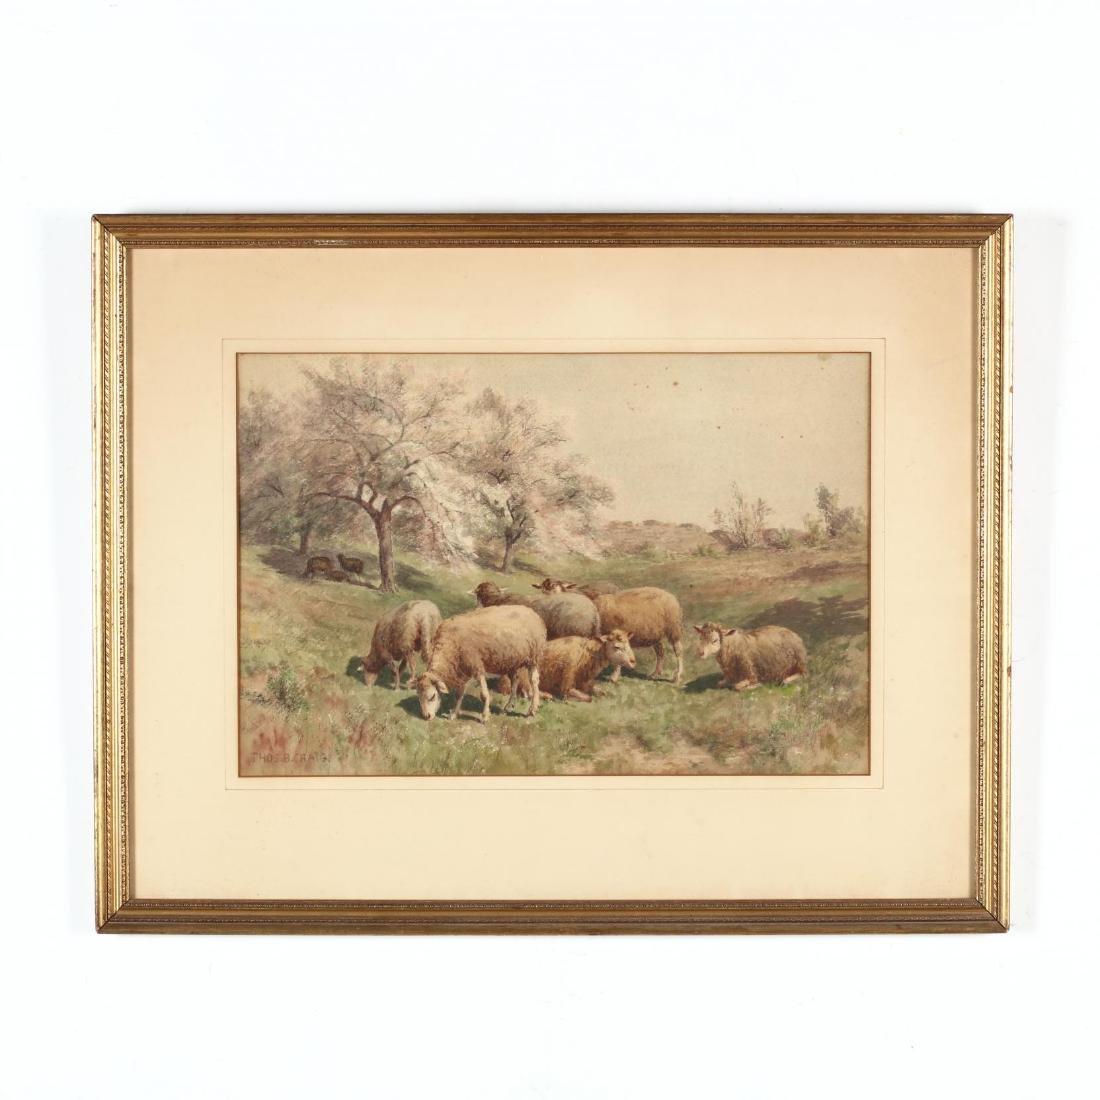 Thomas Bigelow Craig (PA, 1849-1924), Sheep Grazing